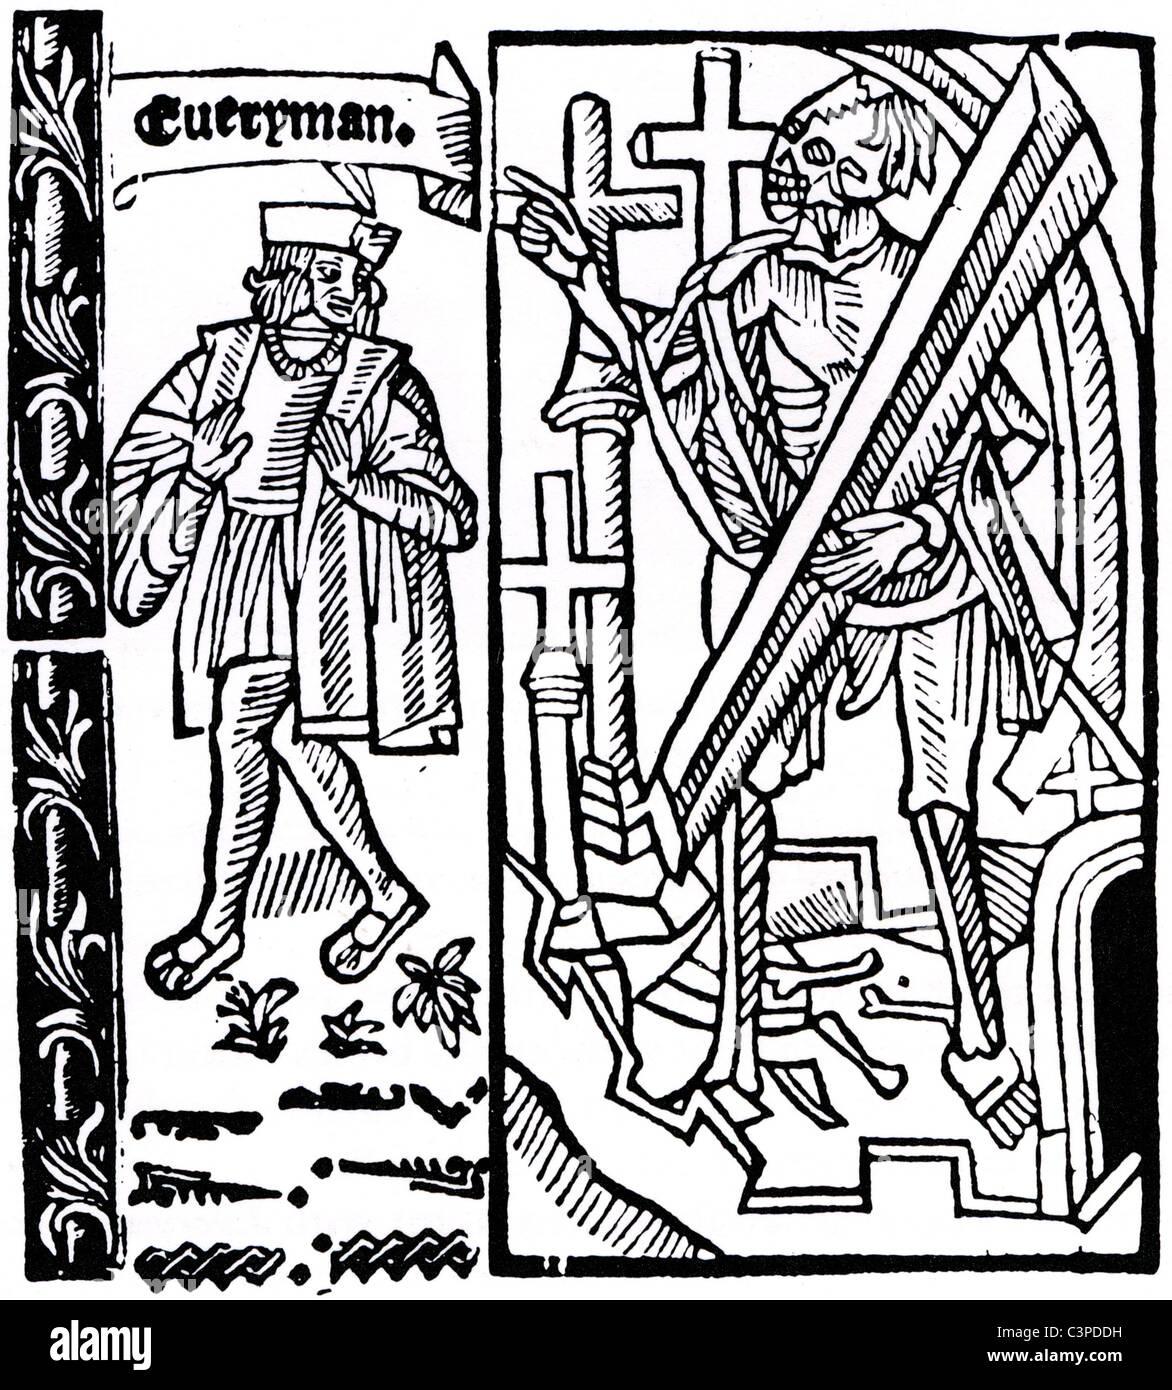 A dimensão recreativa xilogravura a partir da página de título de 1530 edição da moralidade Imagens de Stock